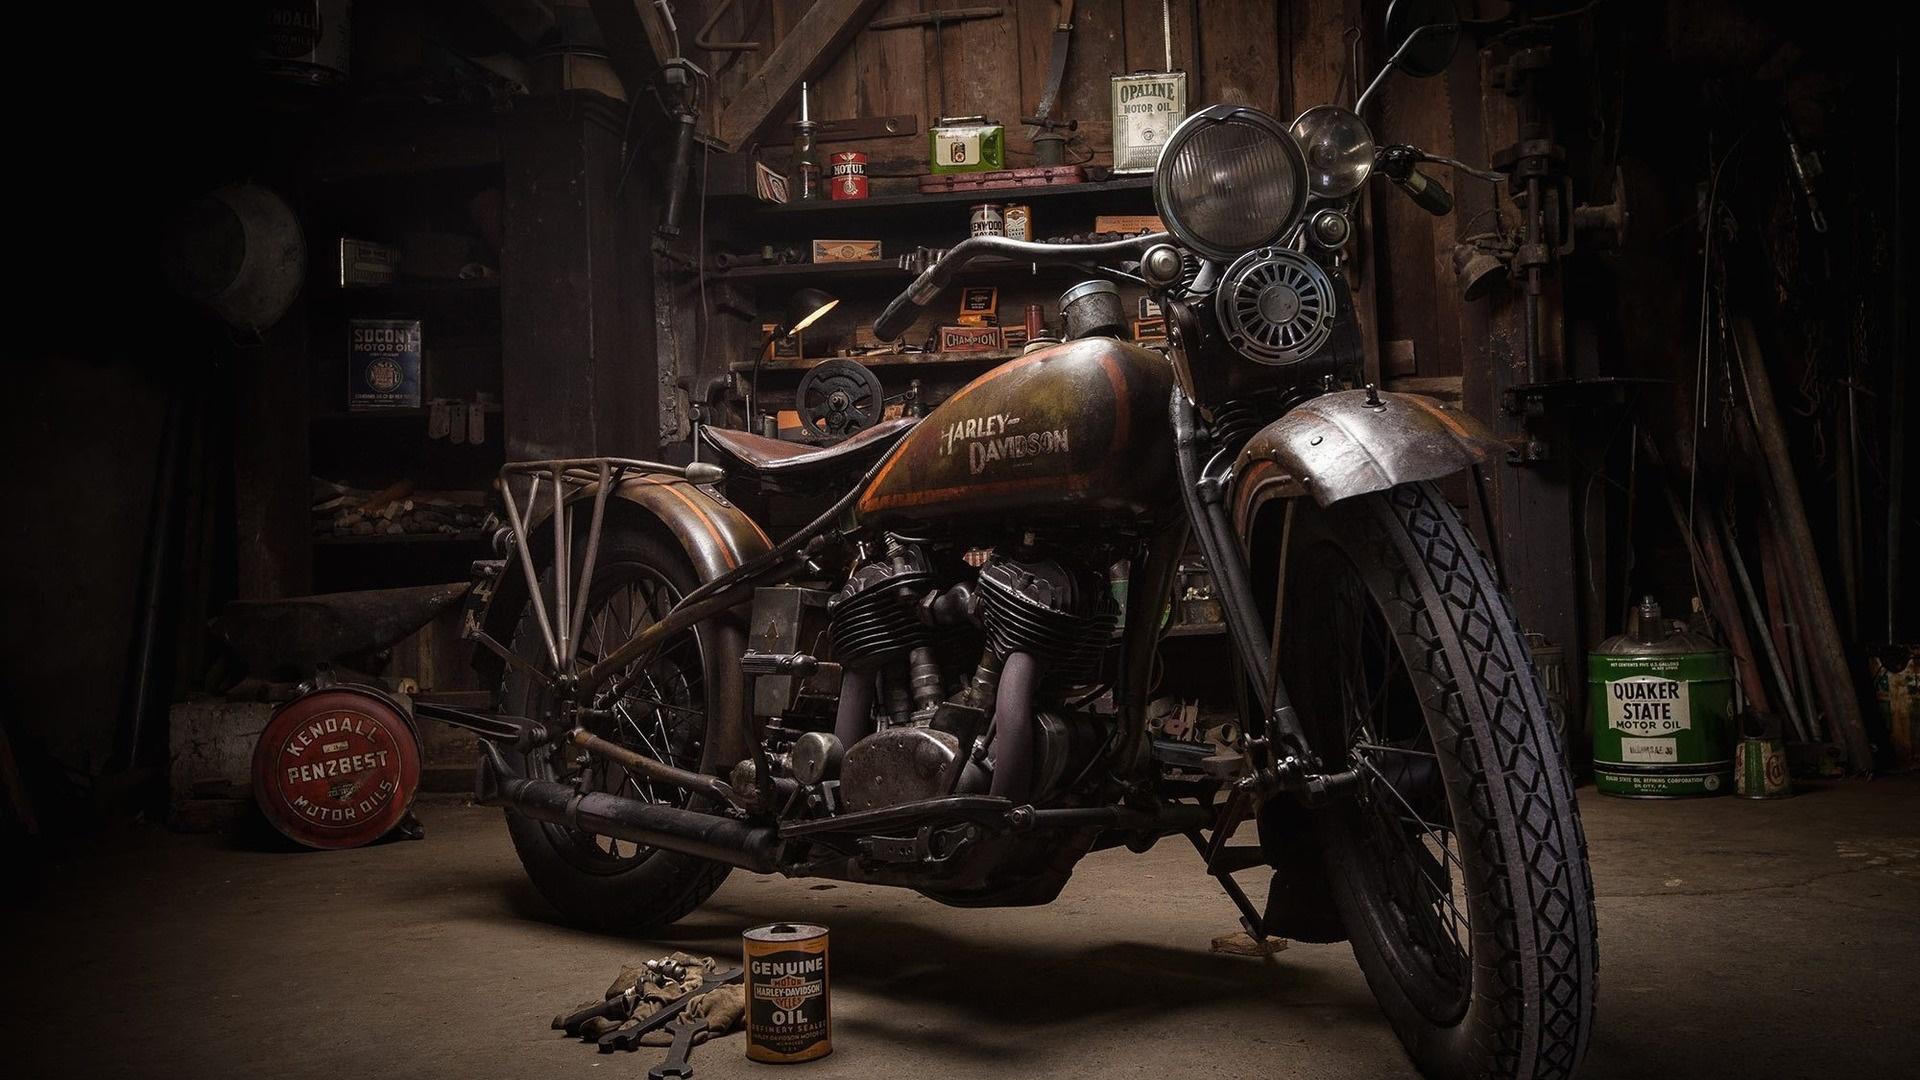 Old Harley-Davidson wallpaper